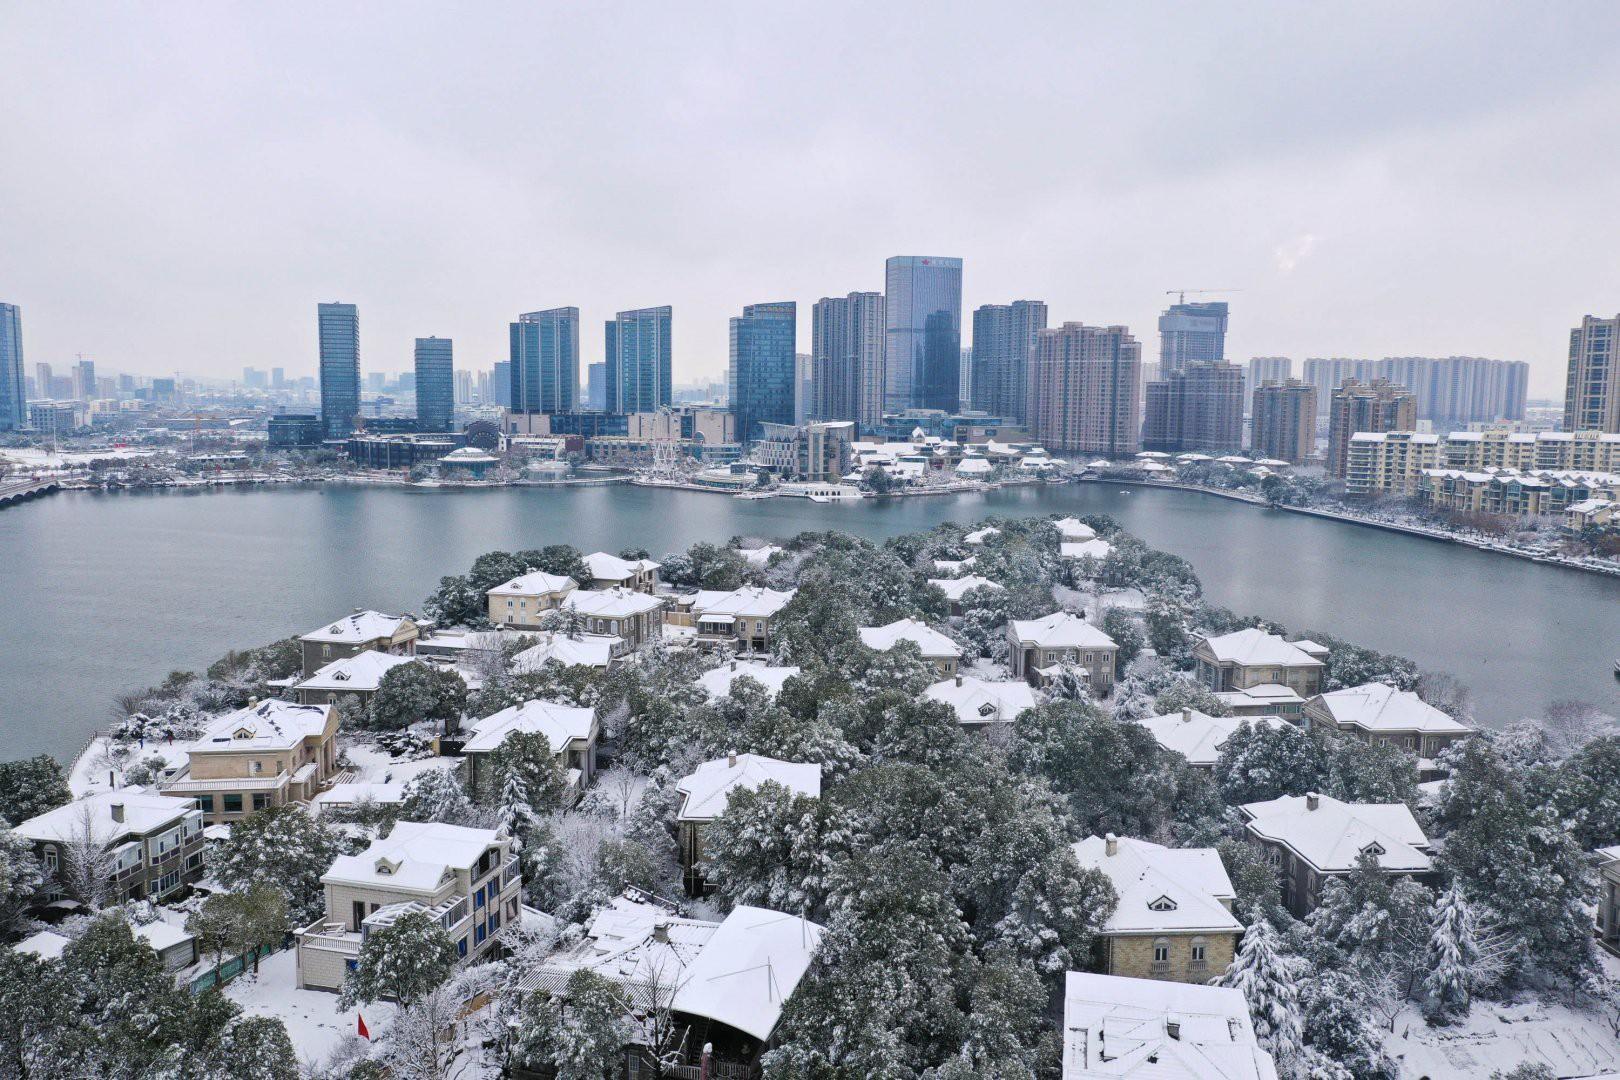 Vẻ đẹp trong trẻo của tuyết mùa xuân ở Trung Quốc khiến nhiều tín đồ du lịch cuồng chân dù đã hết Tết - Ảnh 10.